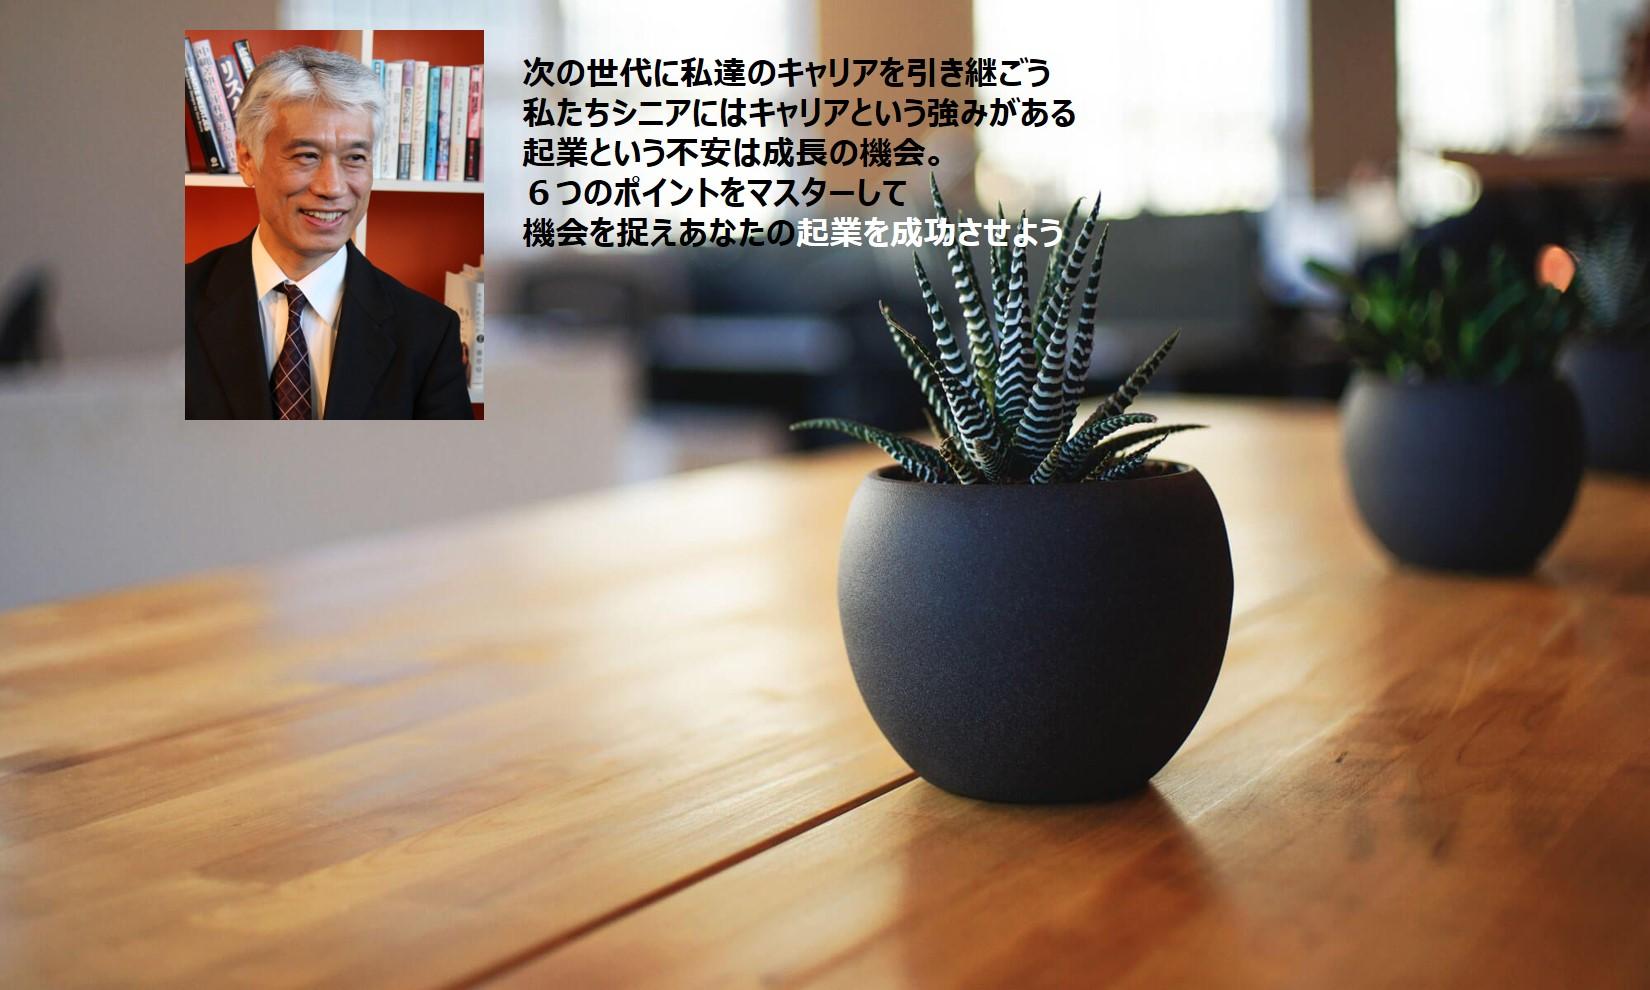 ネクストステージ シニアの起業サクセス塾